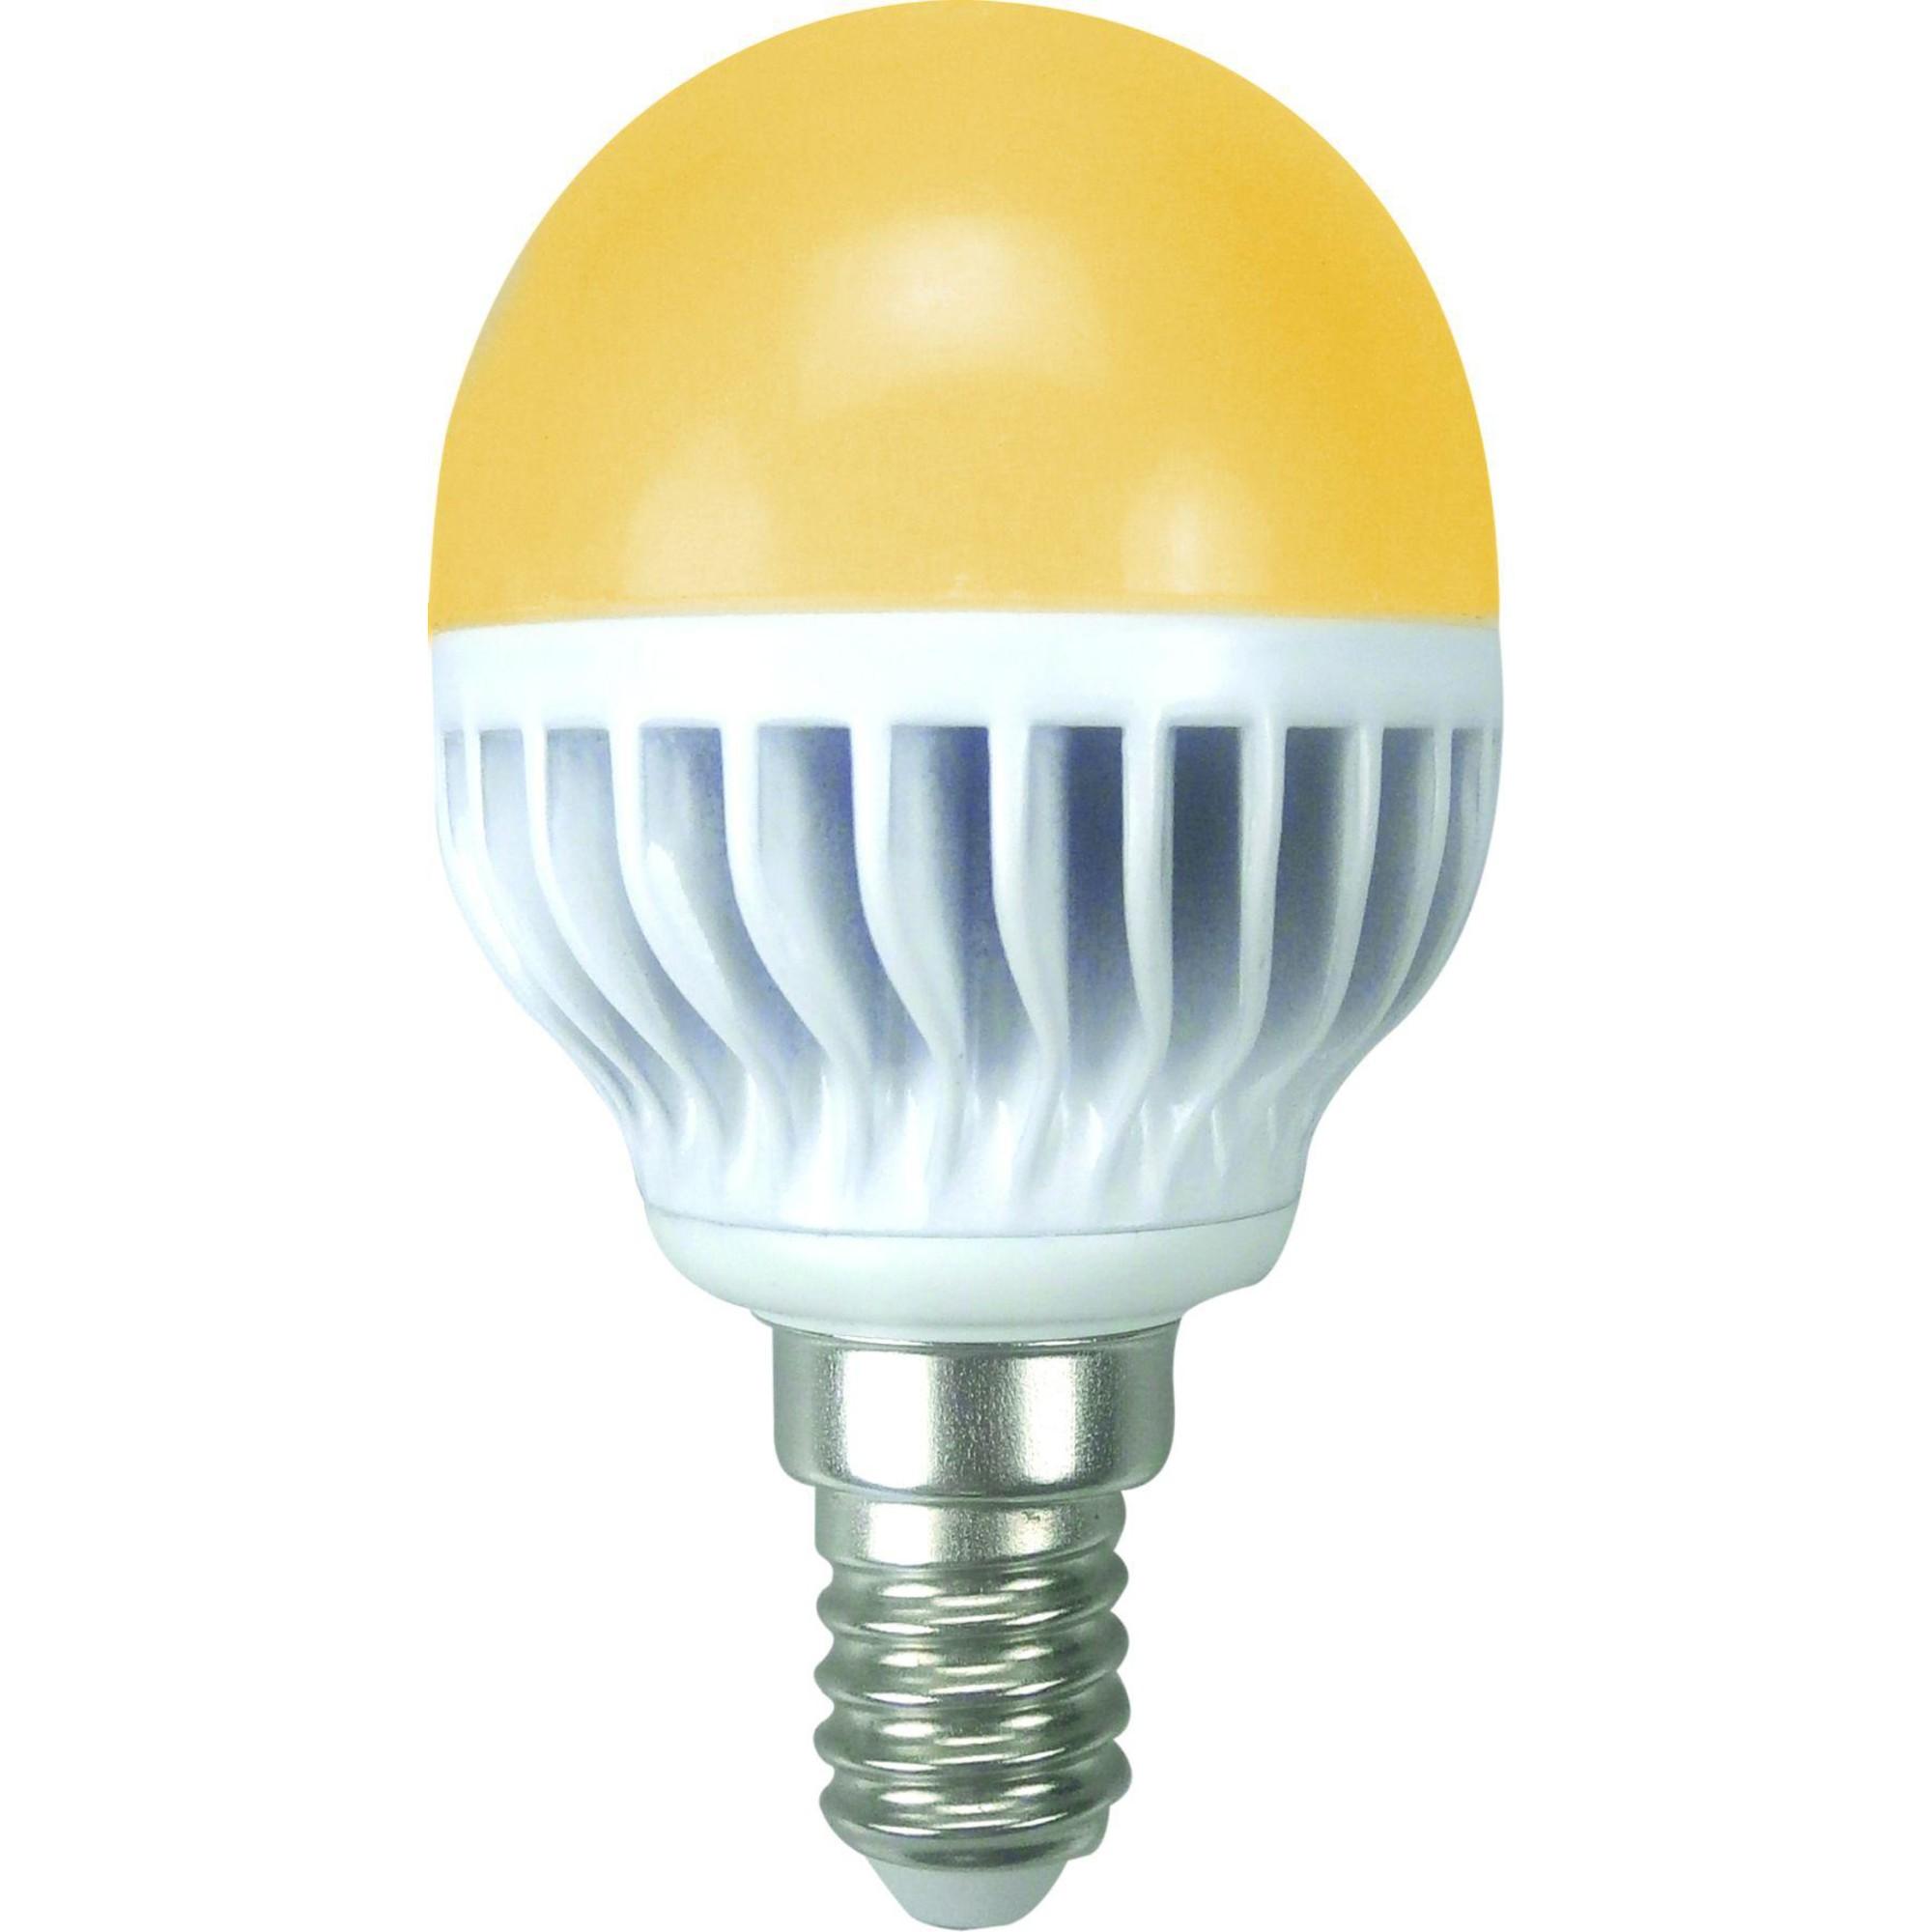 Лампа Ecola стандарт светодионая E14 5.40 Вт шар 370 Лм теплый свет